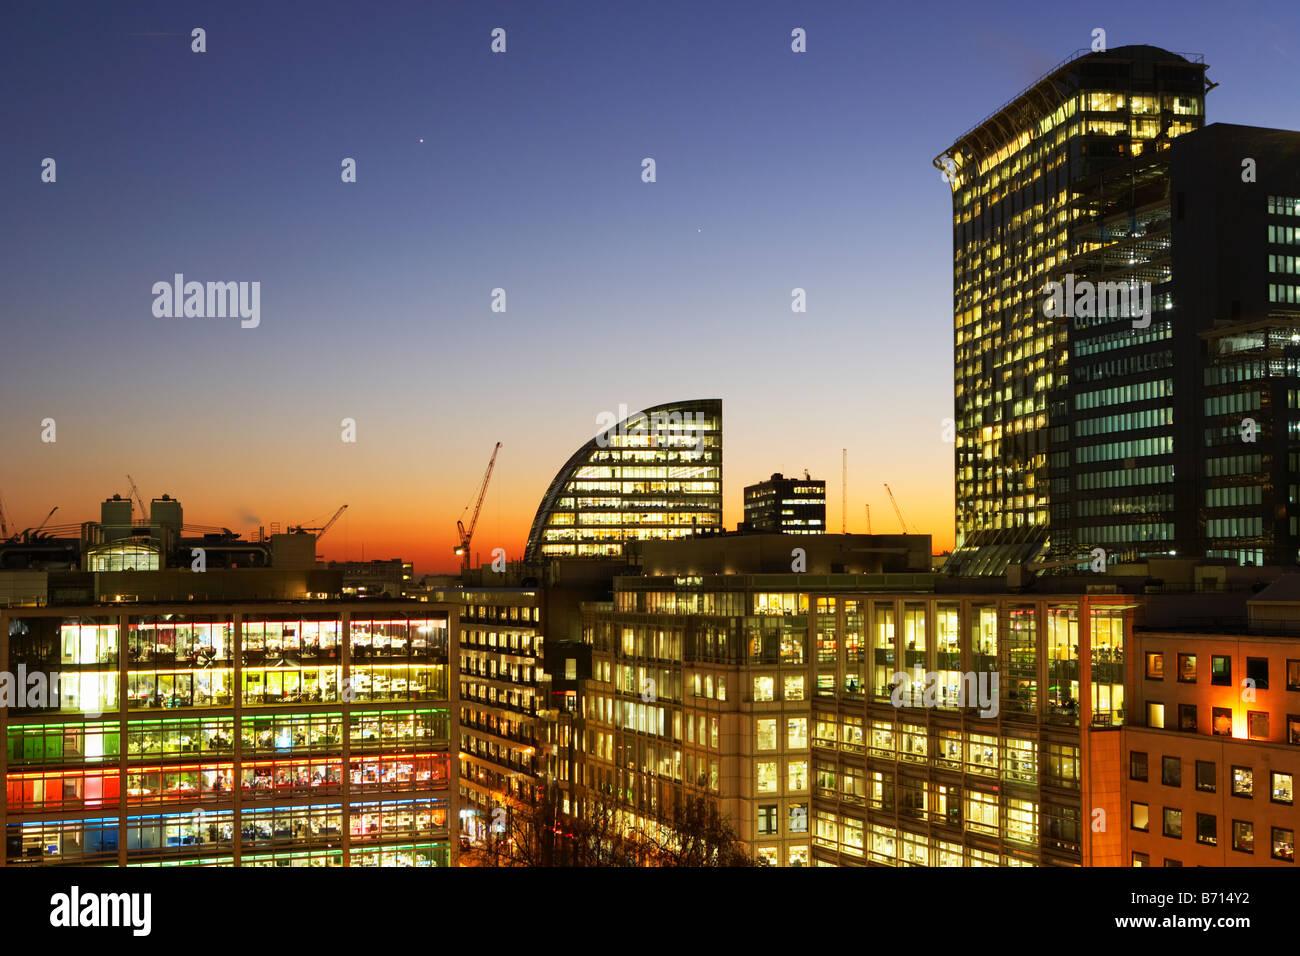 Photo de nuit de ville Londres Angleterre Photo Stock